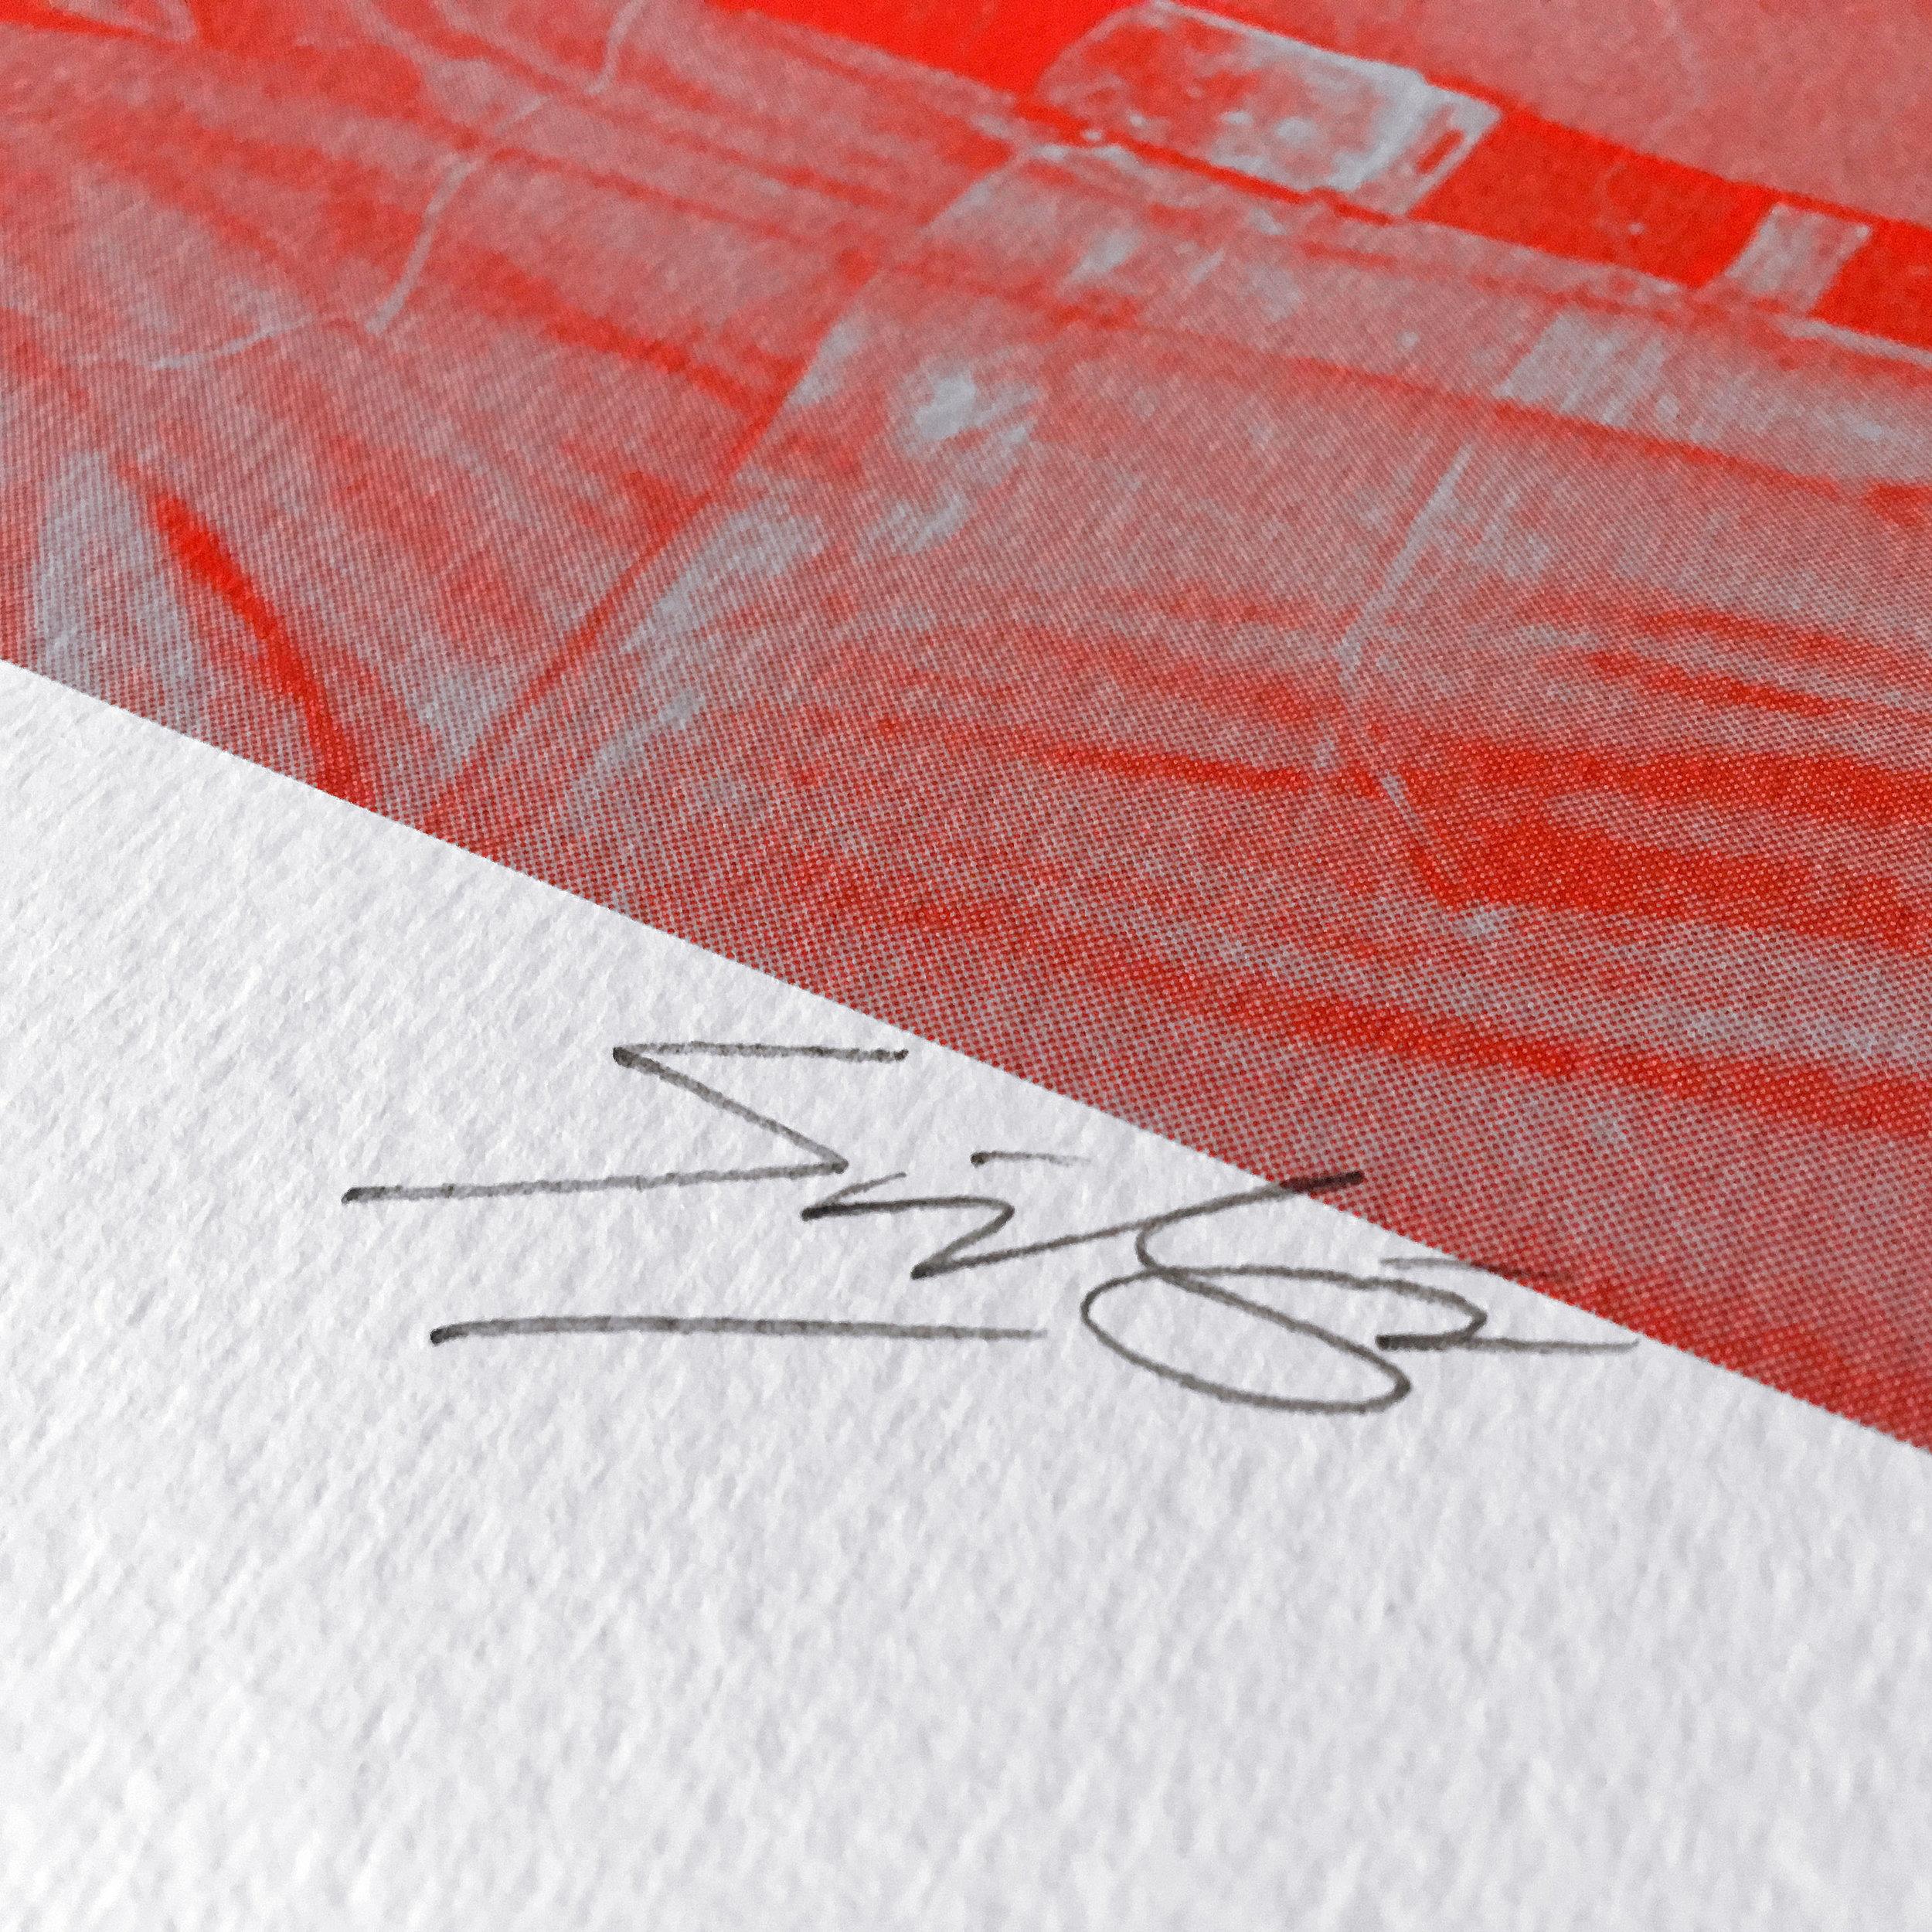 Premium quality. - 50cm x 50cm or 80cm x 80cm image size on Hahnemühle fine art paper.